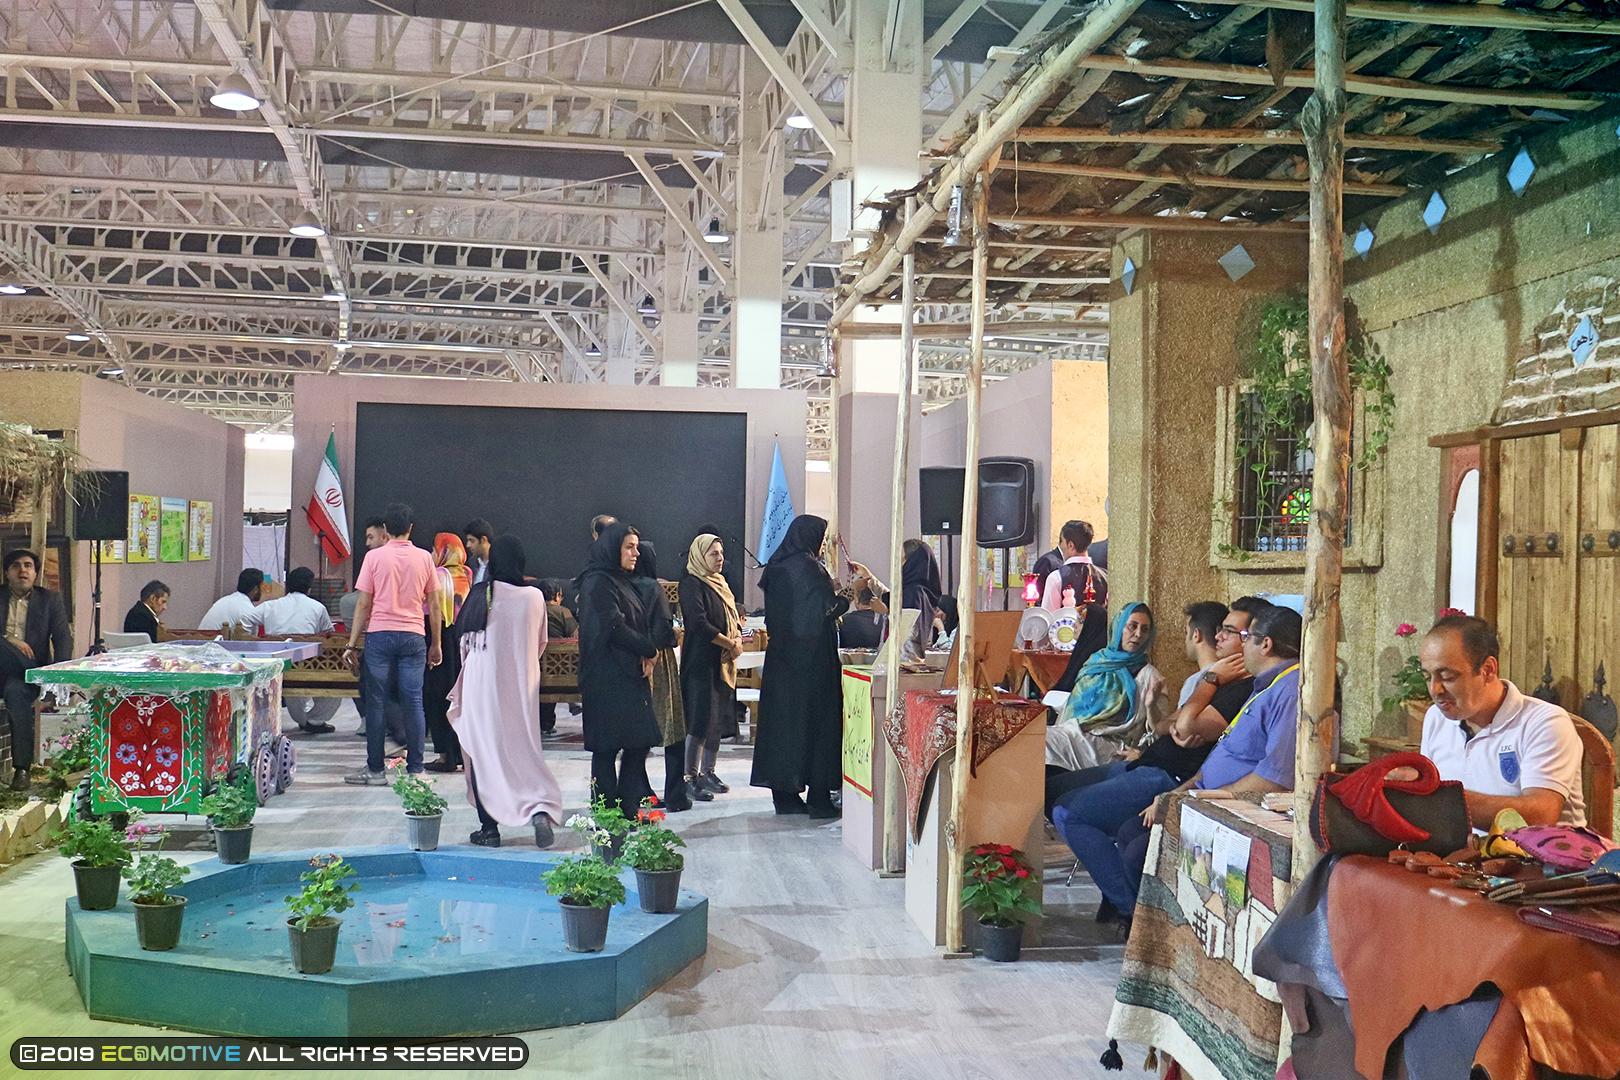 حضور مردم در نمایشگاه نمایشگاه توانمندیهای روستاییان و عشایر